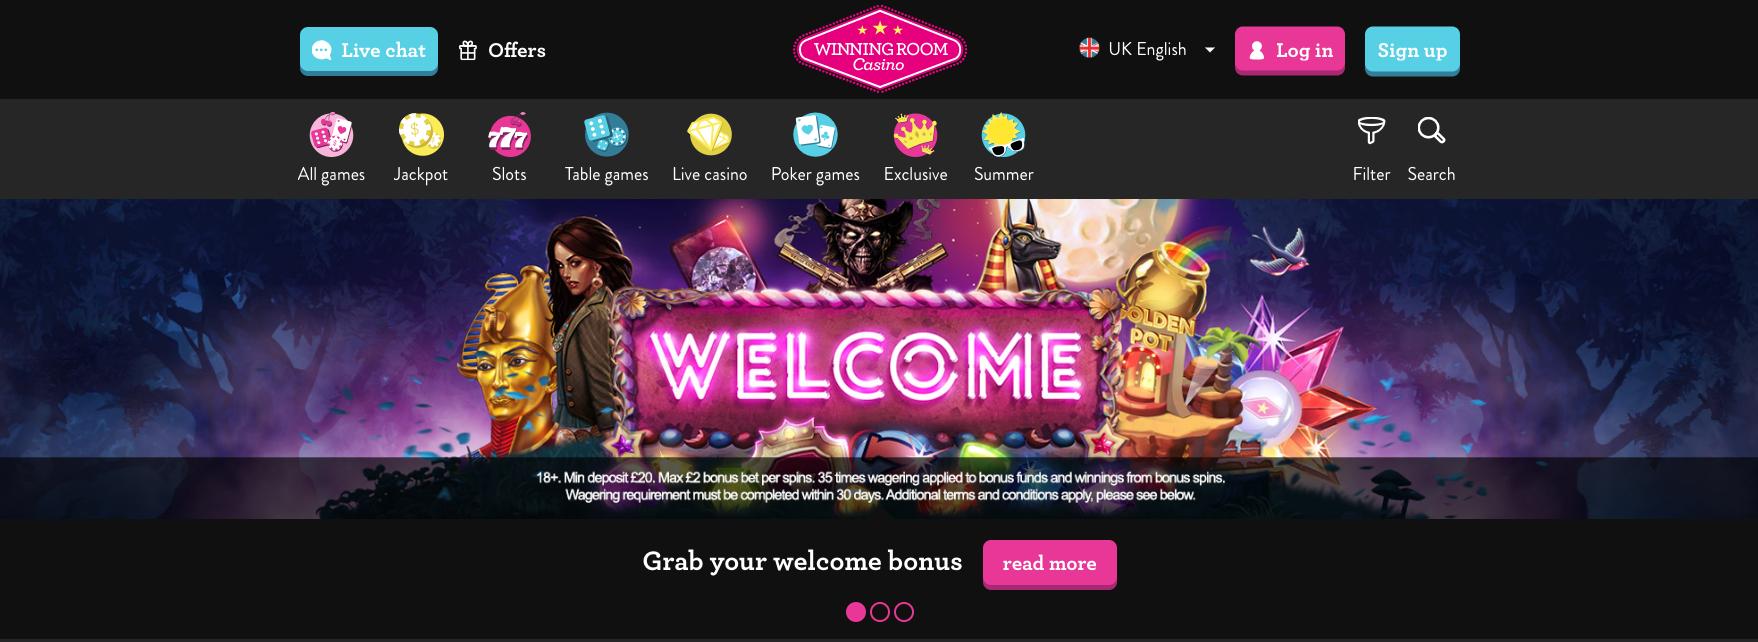 WinningRoom Casino Welcome Bonus